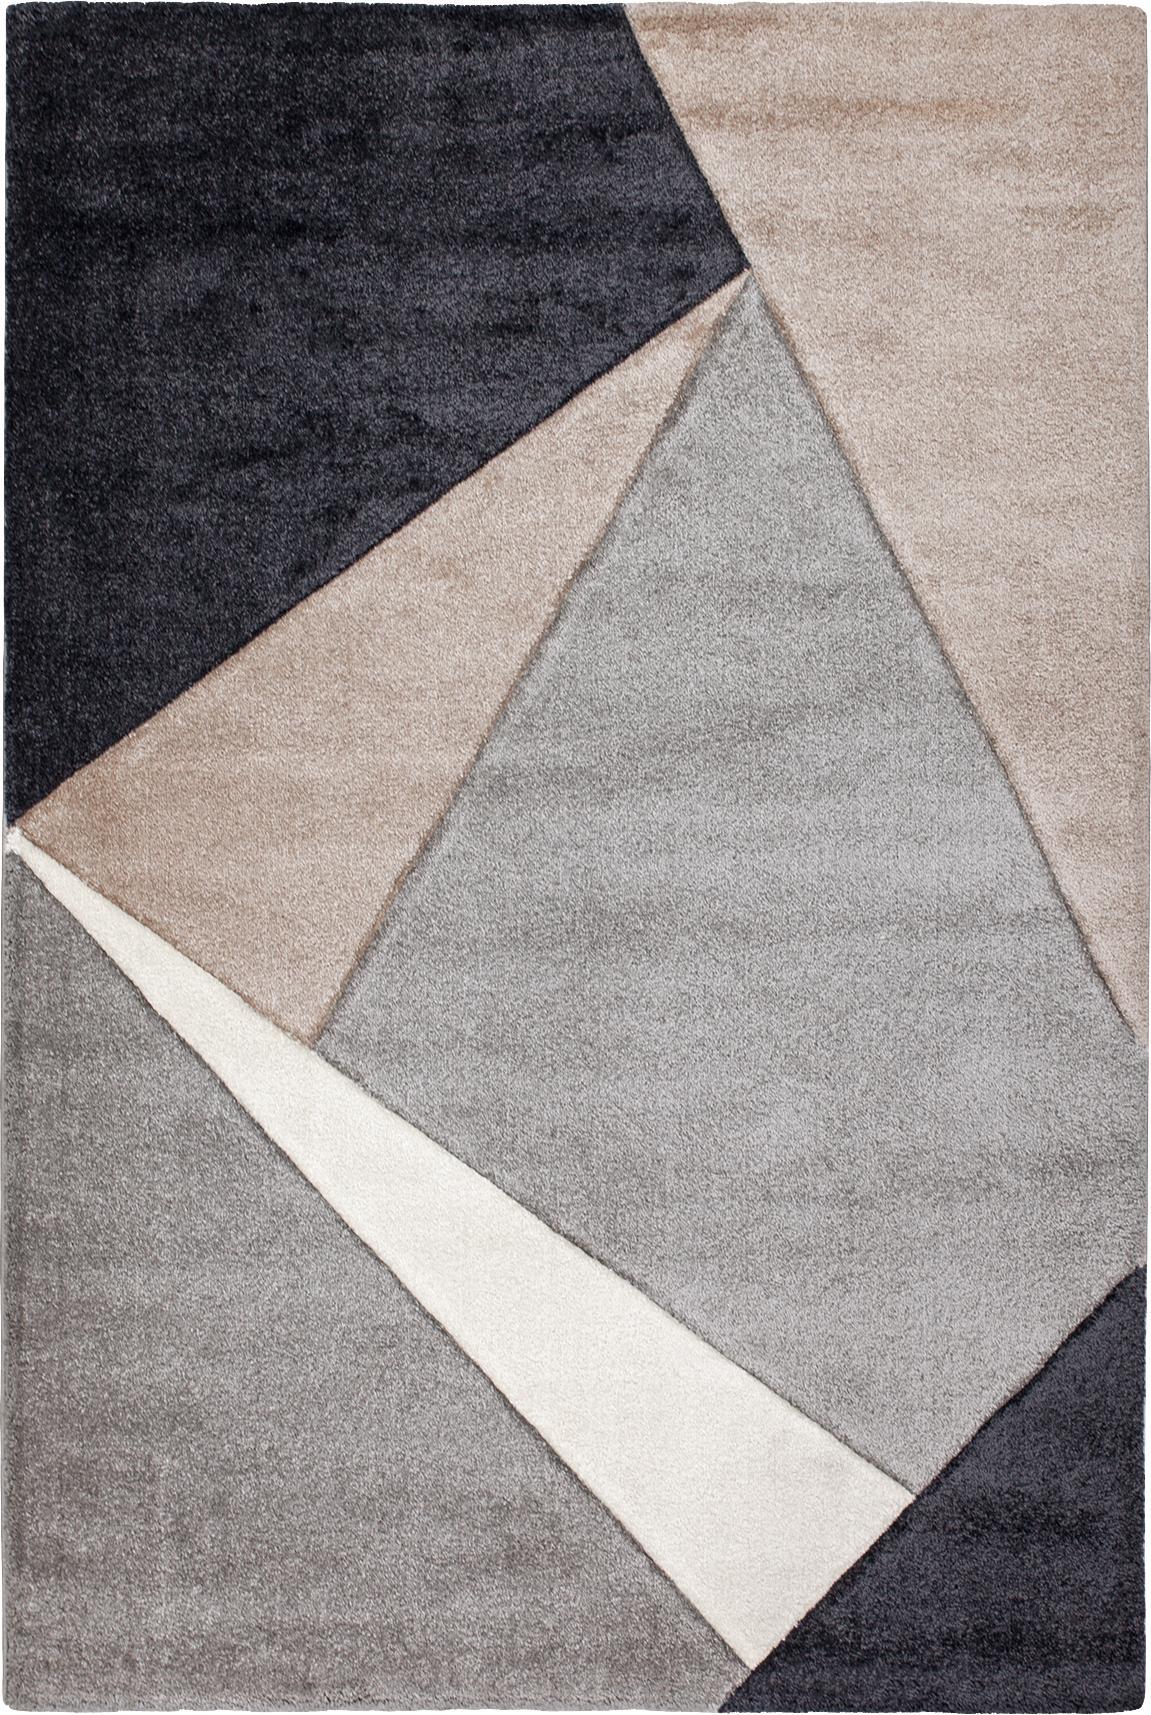 Tappeto con motivo geometrico My Broadway, Retro: juta, Taupe, beige, antracite, grigio, Larg. 200 x Lung. 290 cm (taglia L)